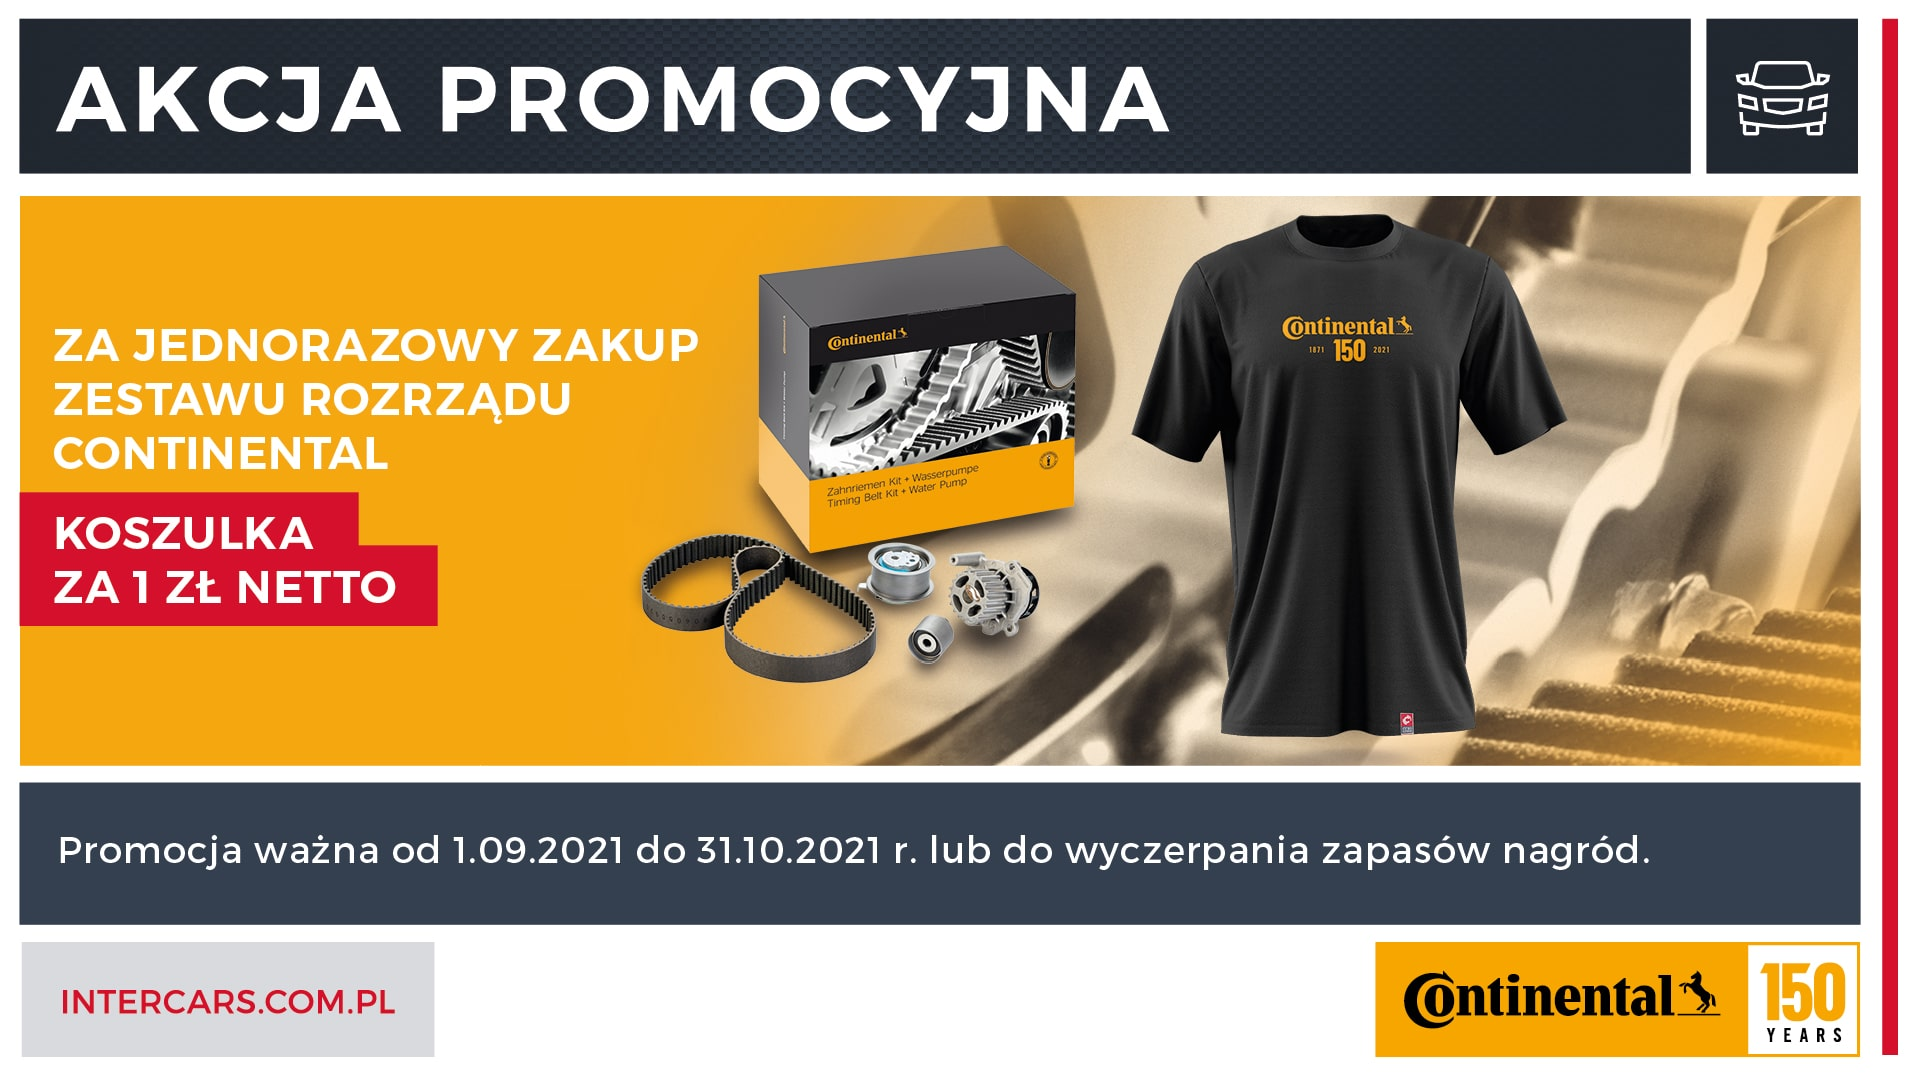 promocja_continental_150lecie_tshirt_1920x1080-min.jpg